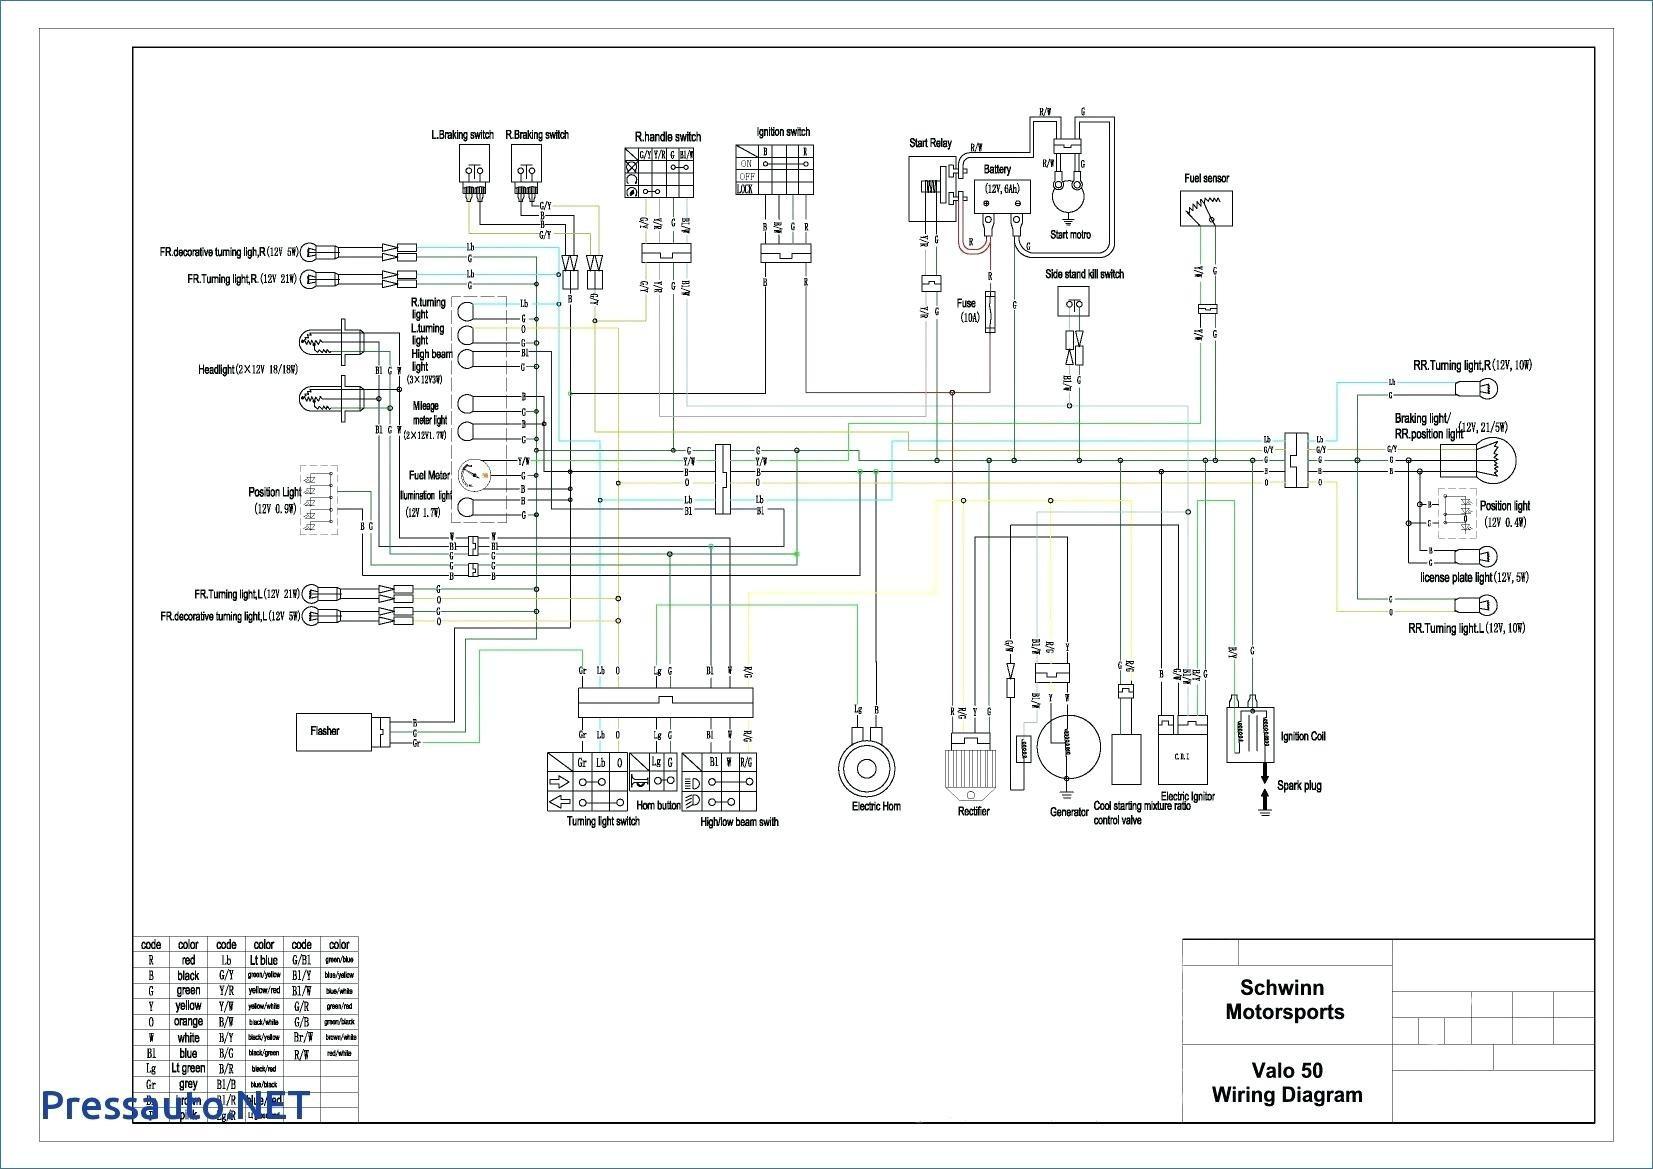 vip wiring diagram schematic